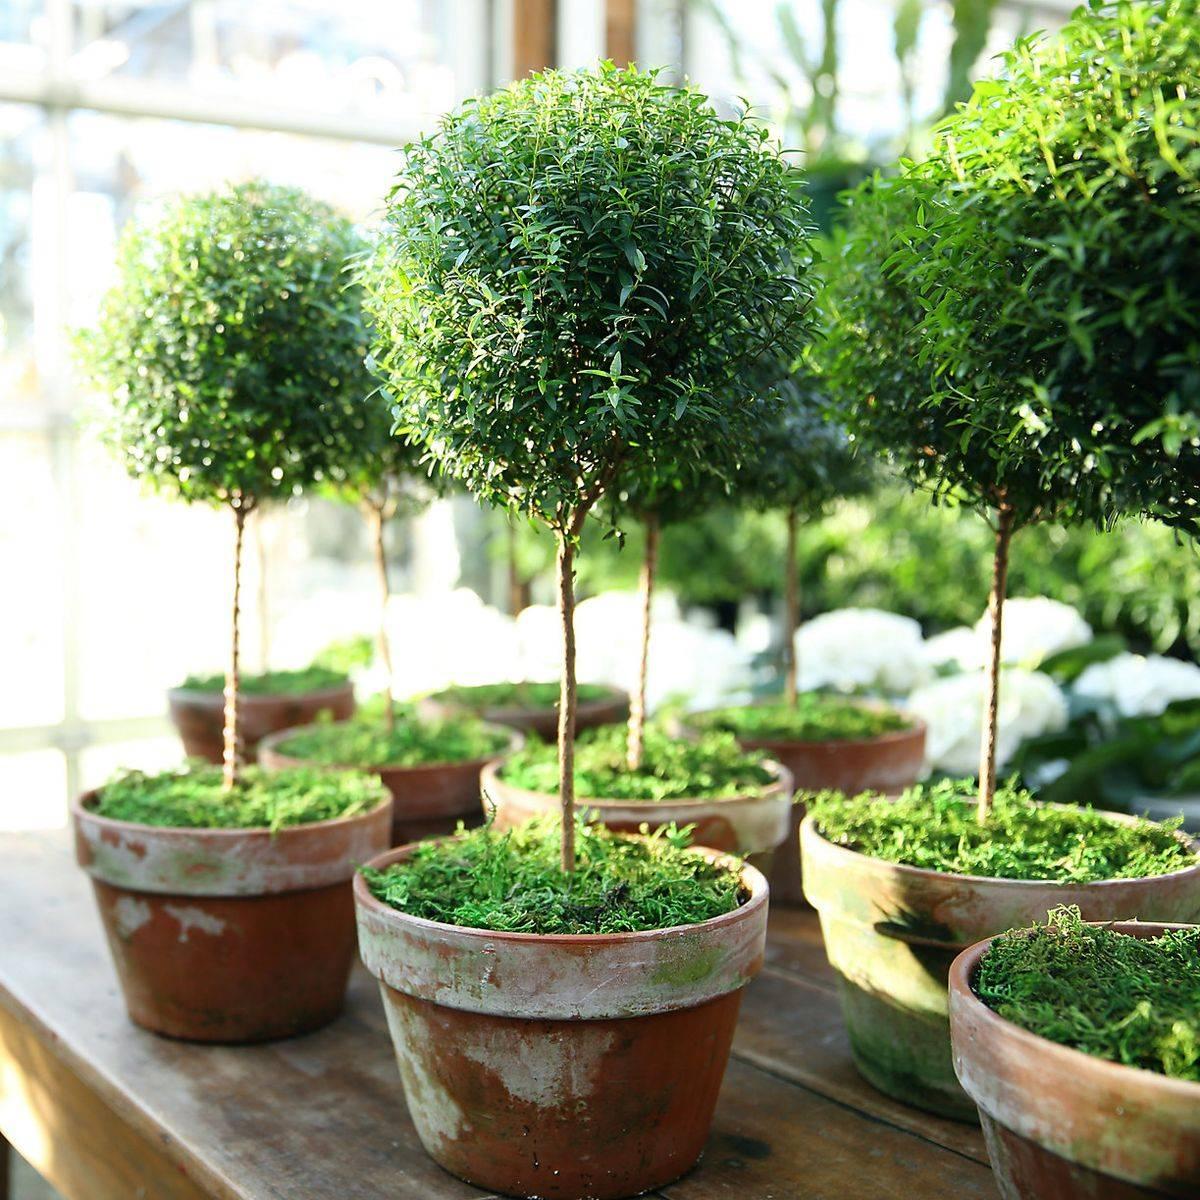 вот как выглядит миртовое деревце фото работы